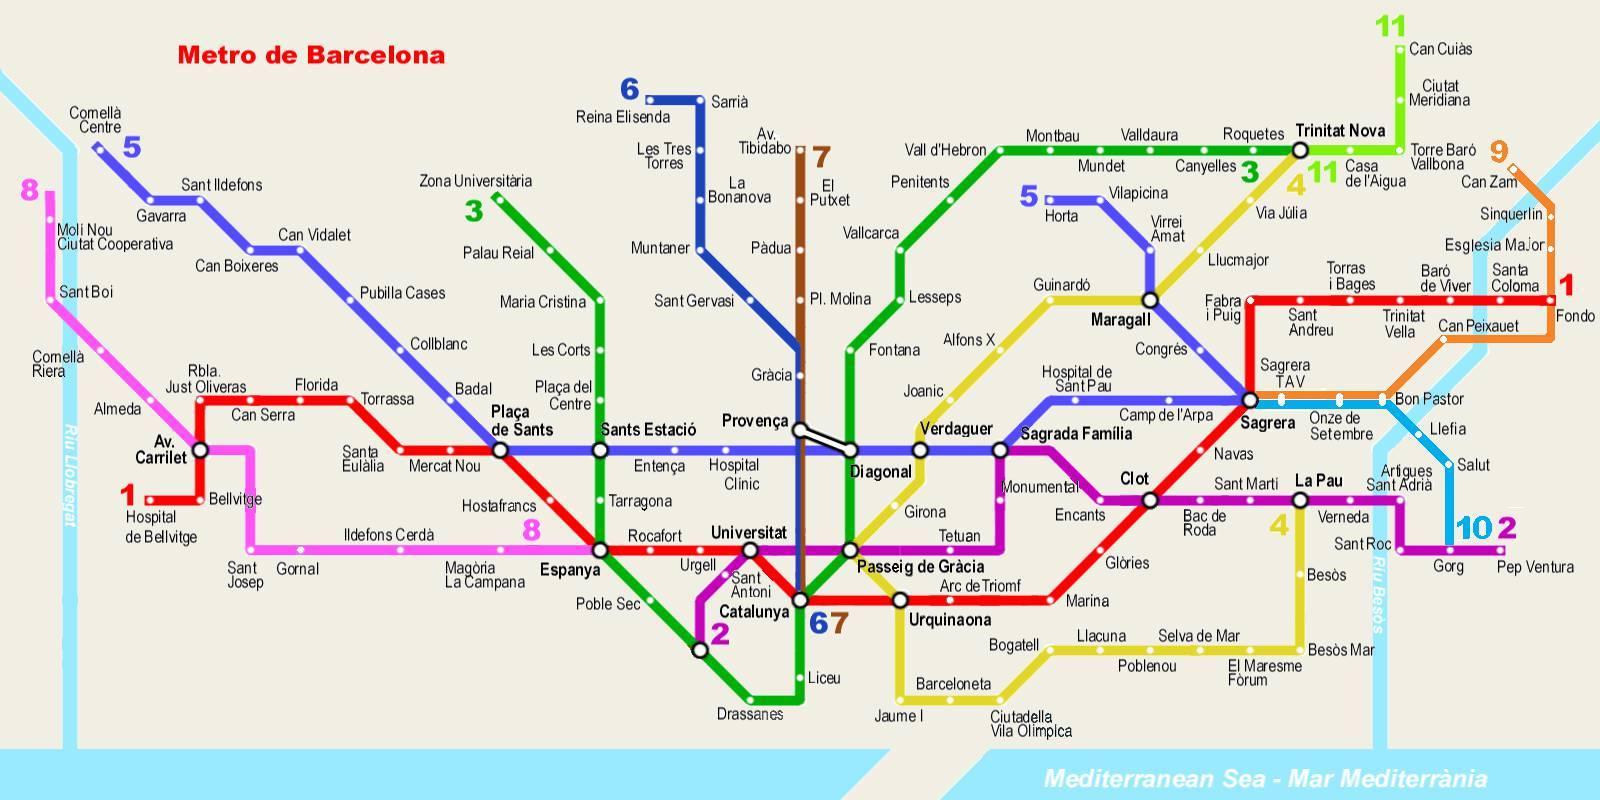 Как добраться из парижа в барселону: поезд, автобус, машина. расстояние, цены на билеты и расписание 2021 на туристер.ру